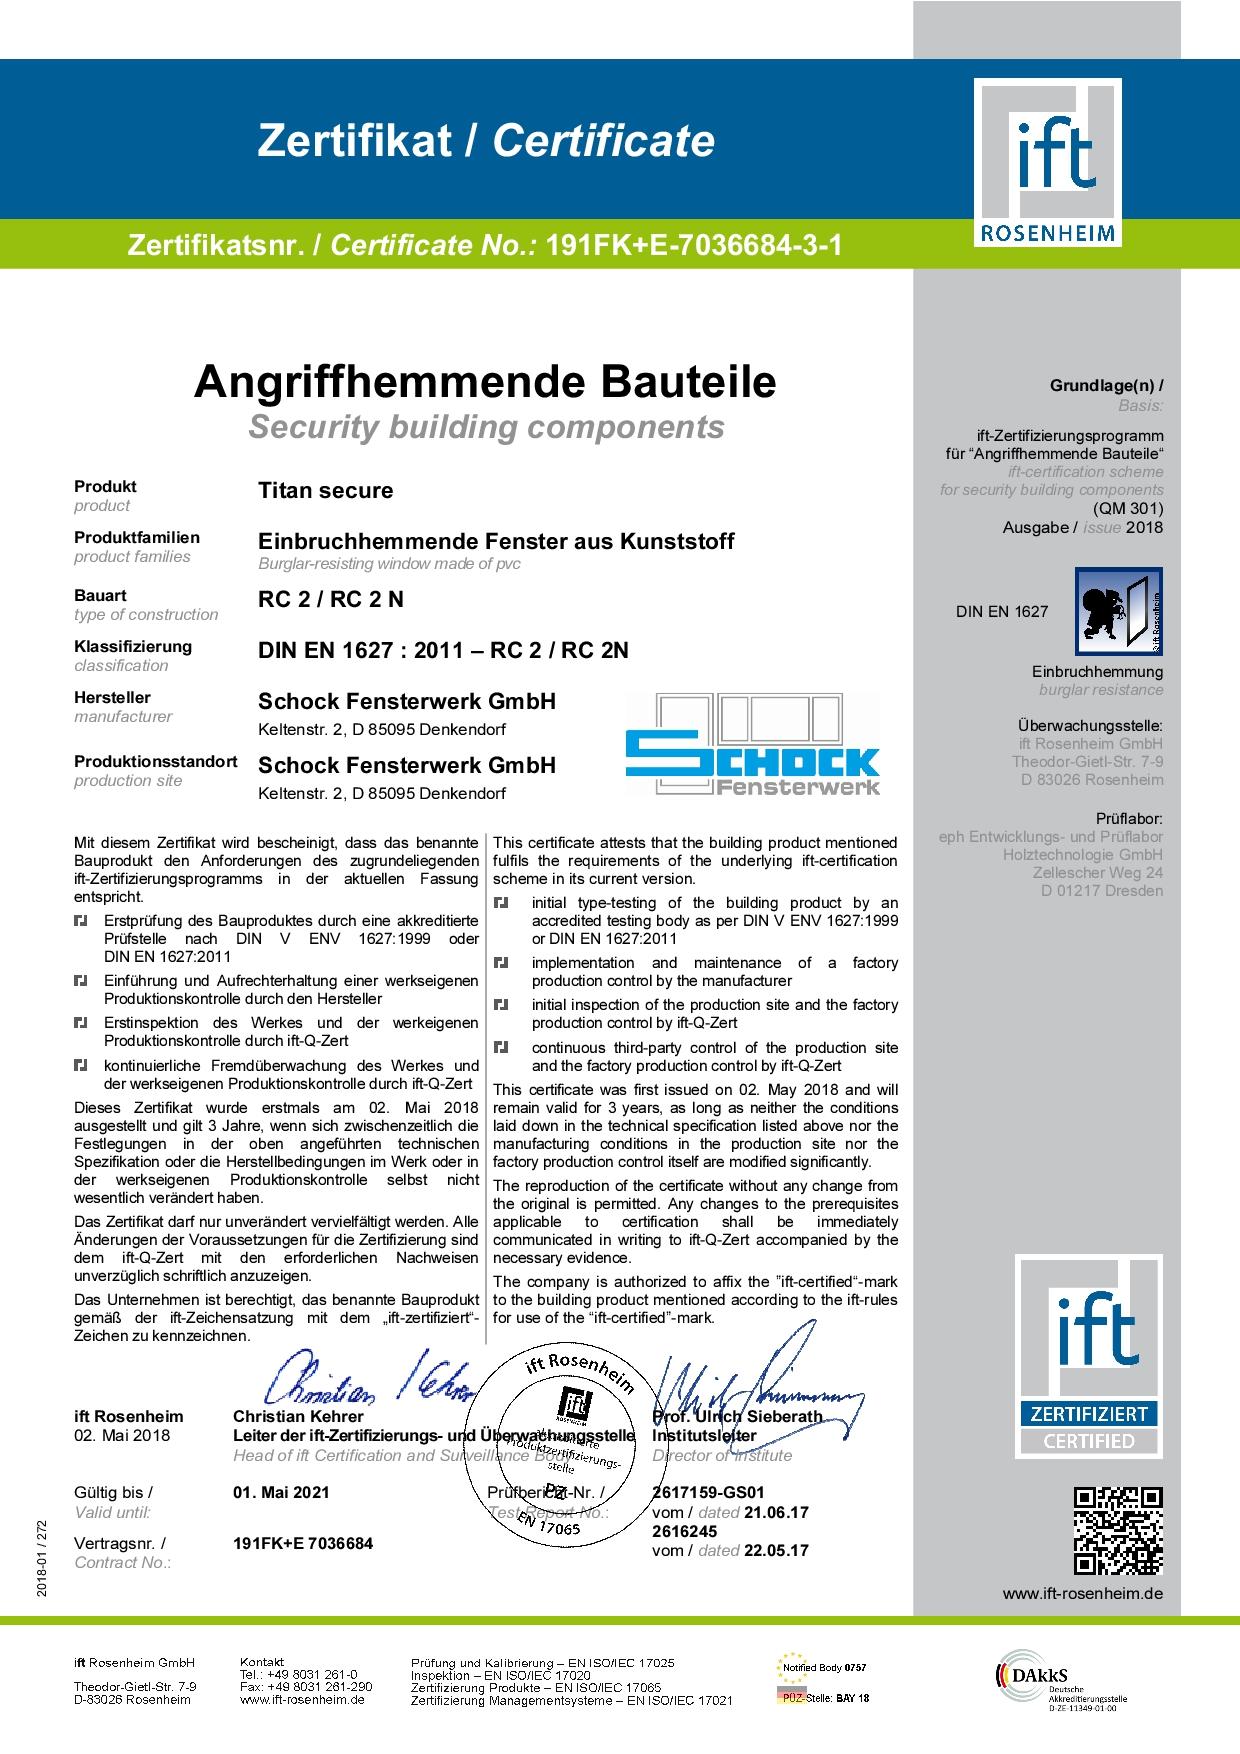 IFT-Zertikfikat Einbruch hemmnend